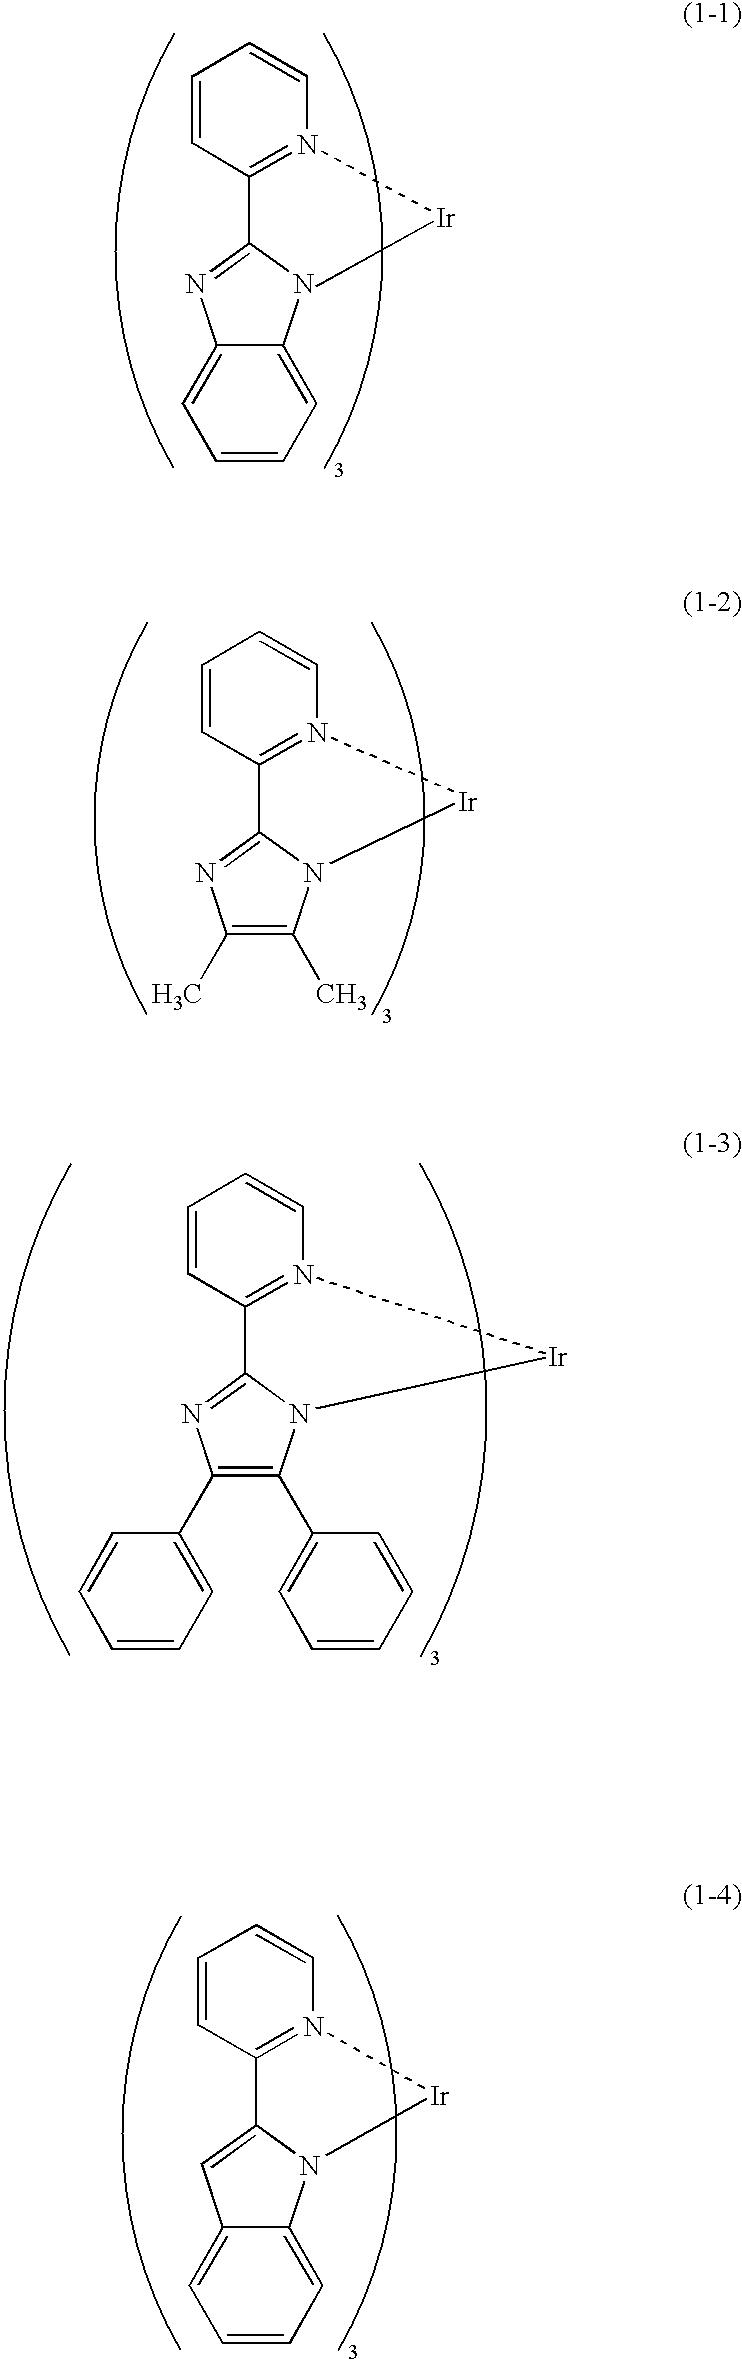 Figure US20020134984A1-20020926-C00023